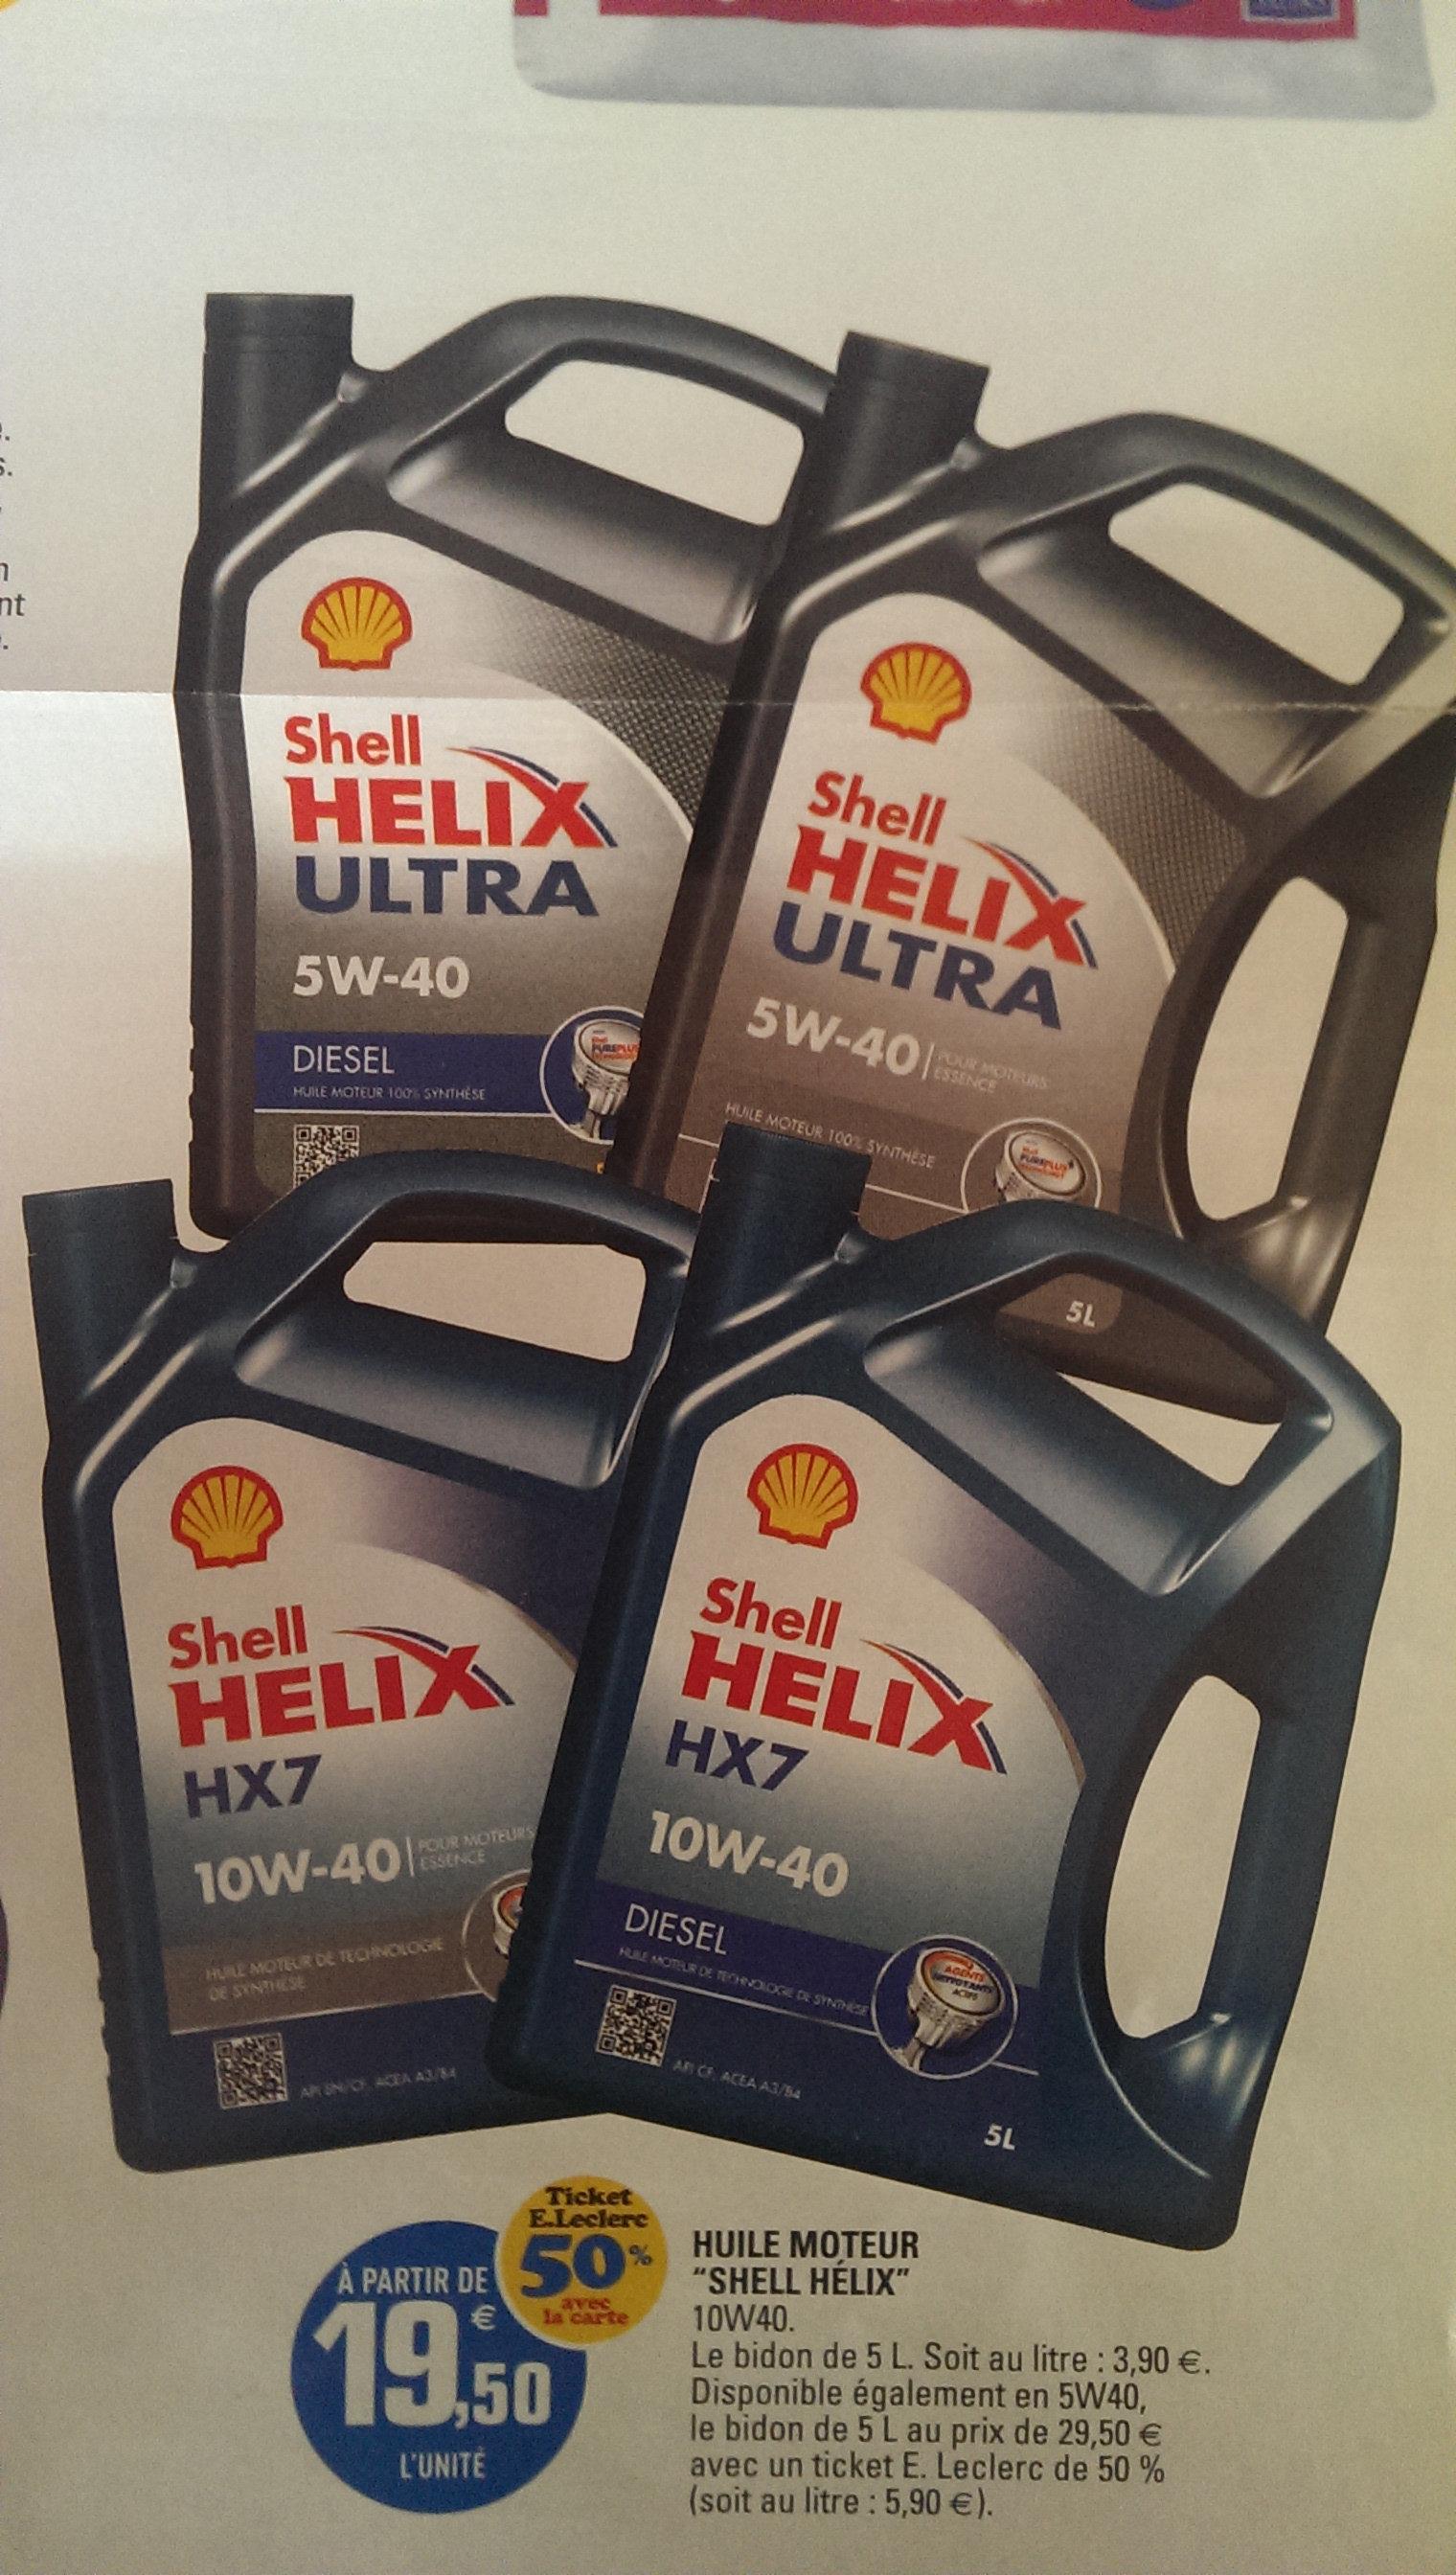 Bidon Huile moteur Shell Helix 5L (50% sur la carte)